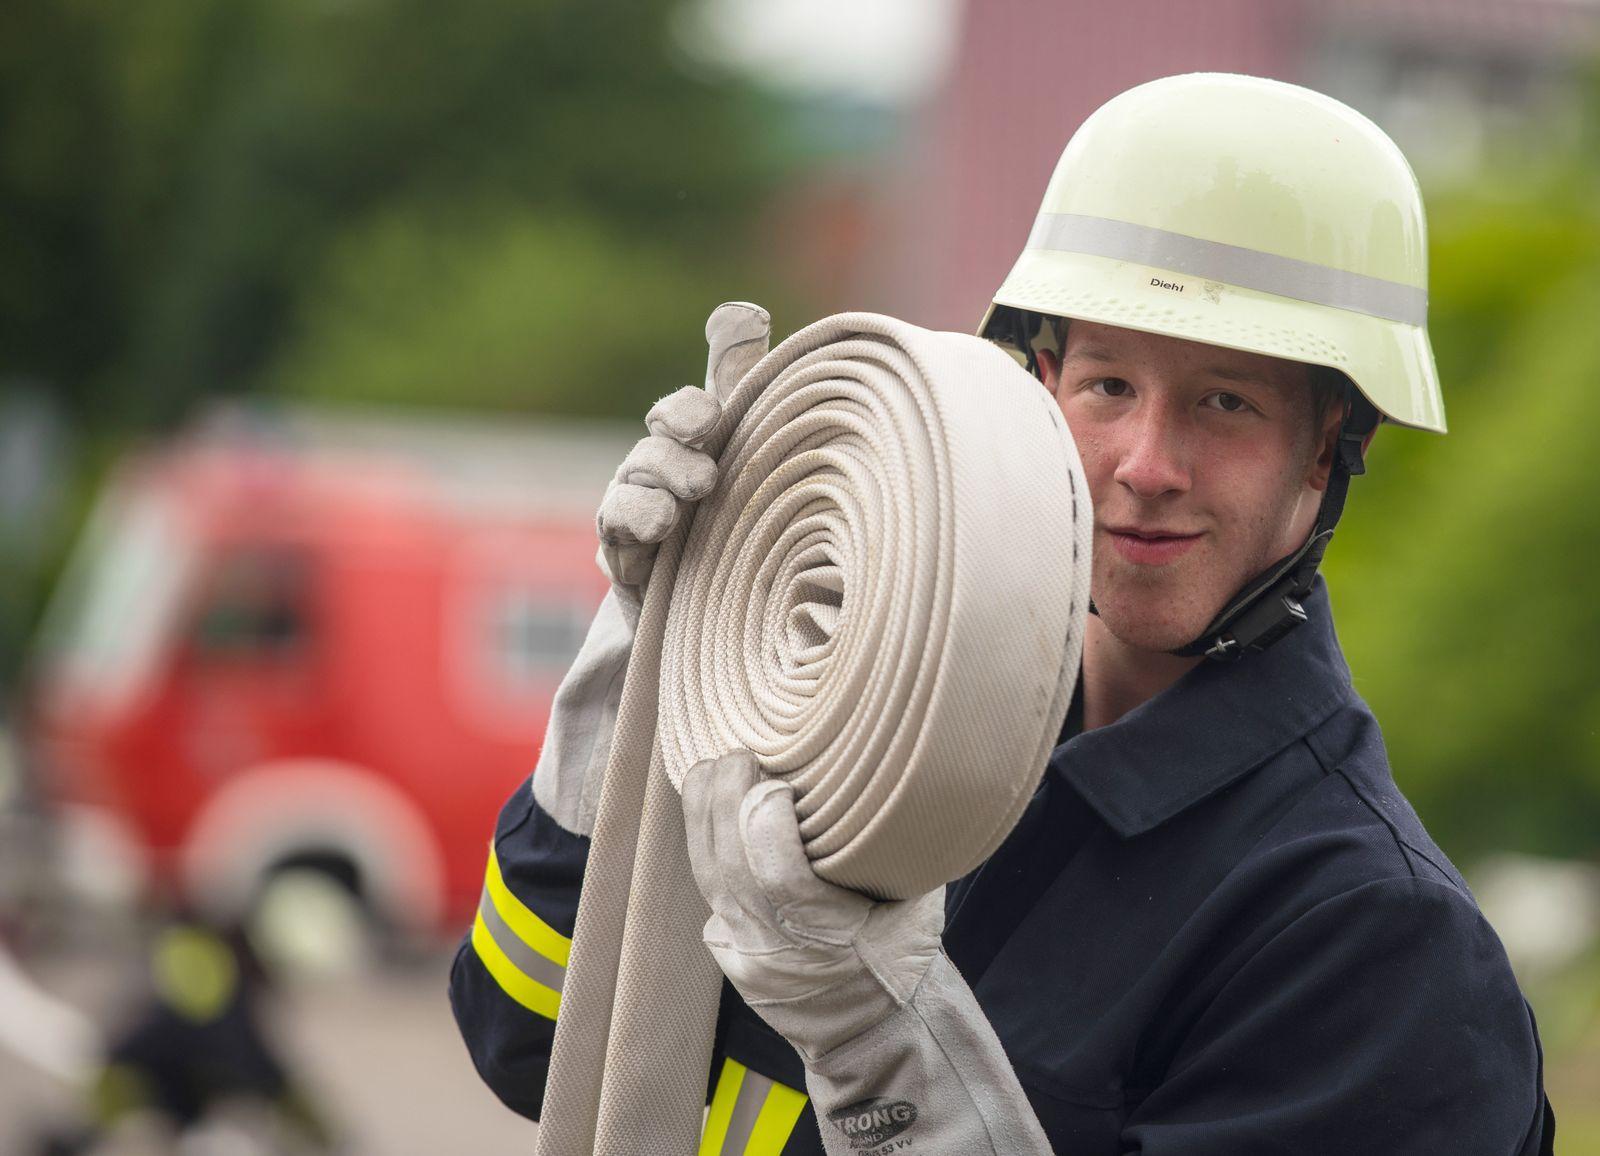 Feuerwehrtechnik als Schulfach